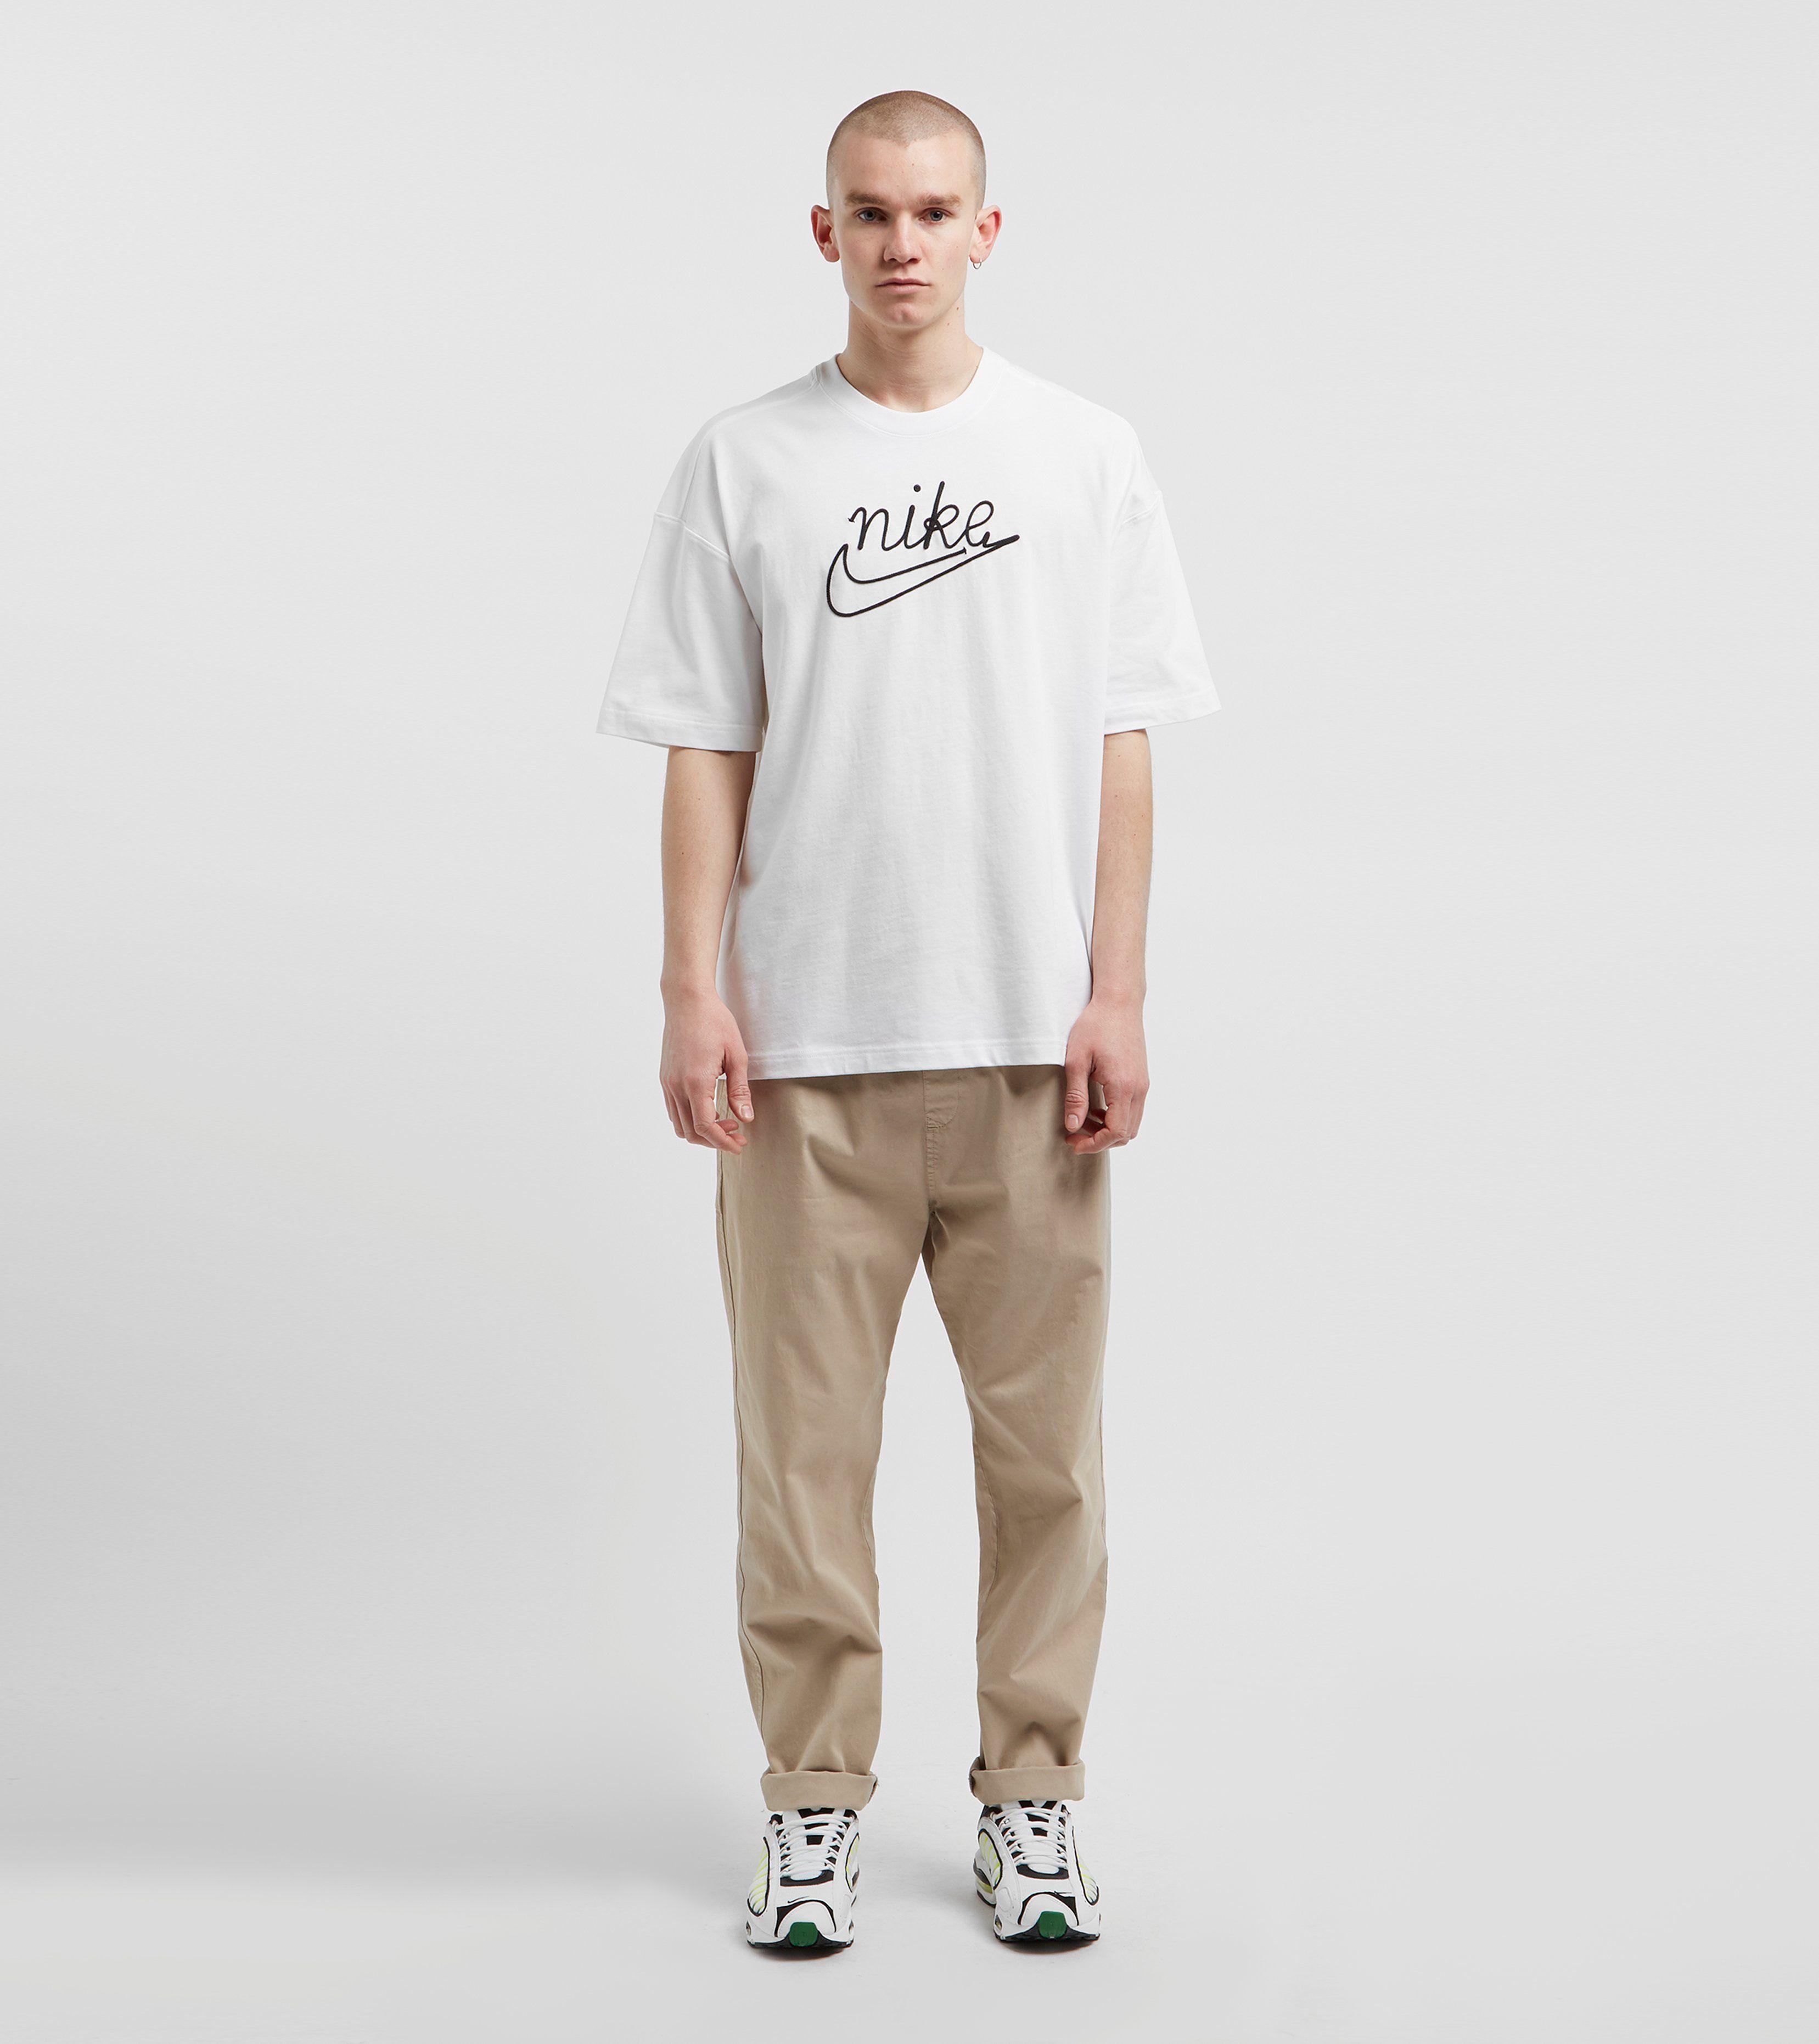 Nike Outline Short Sleeve T-Shirt